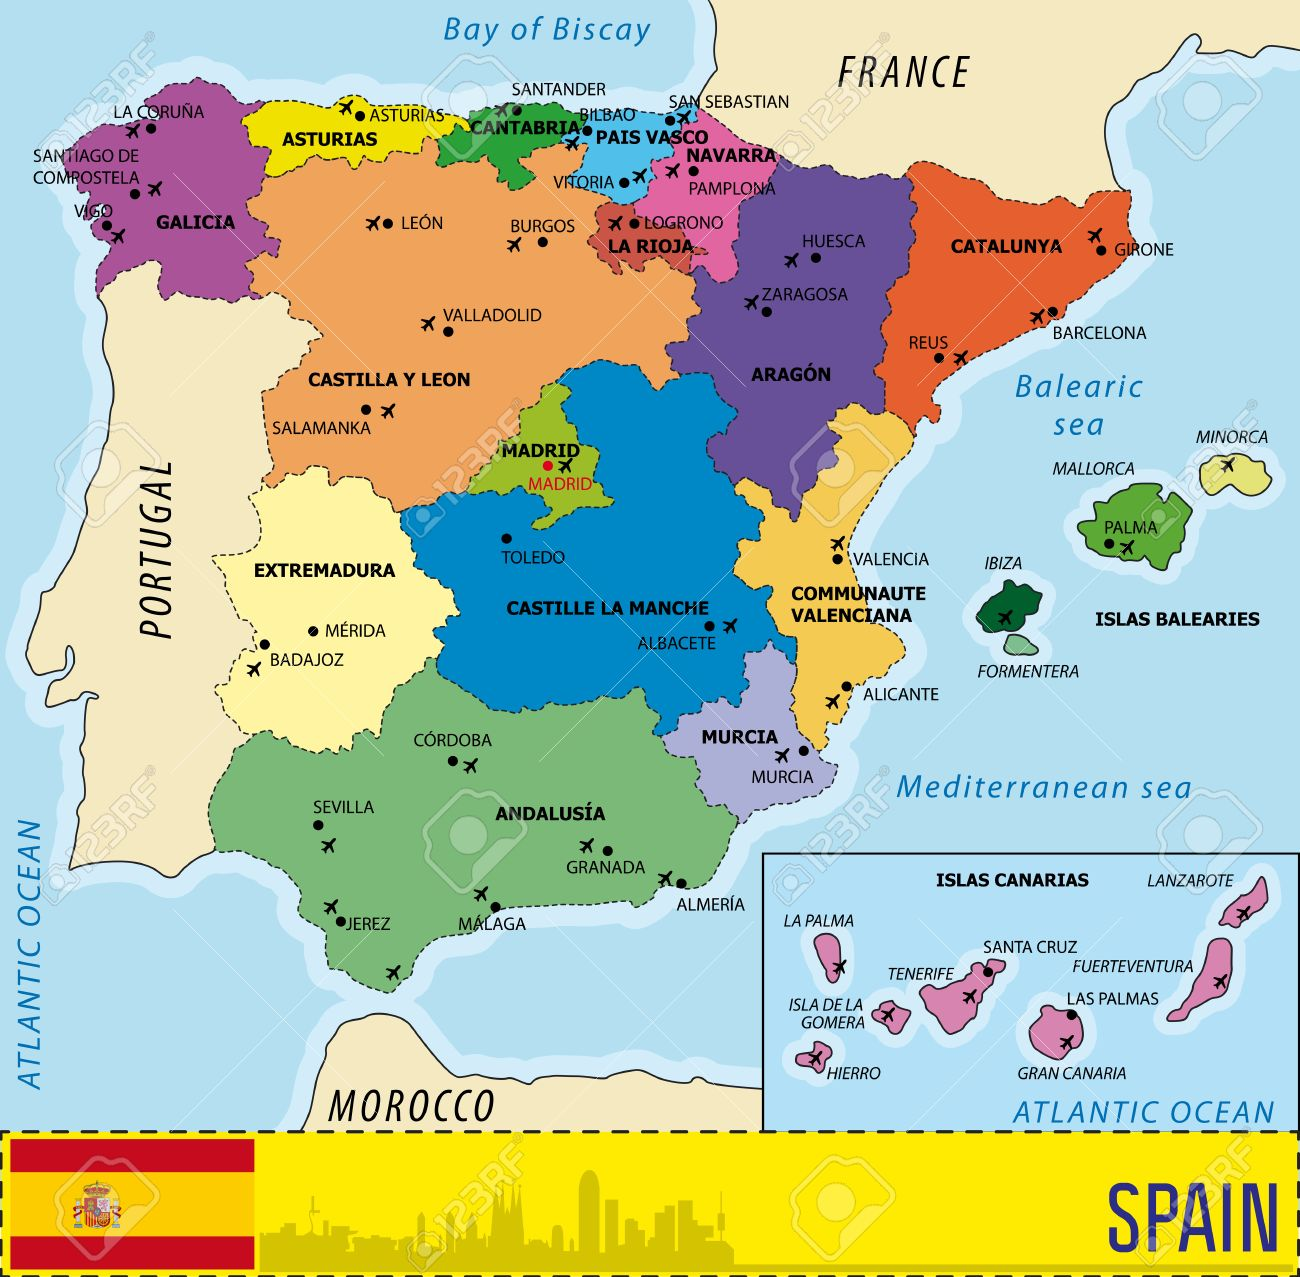 Aeropuertos En España Mapa.Mapa Vectorial Detallado De Espana Con Todas Las Regiones Y Con Los Aeropuertos